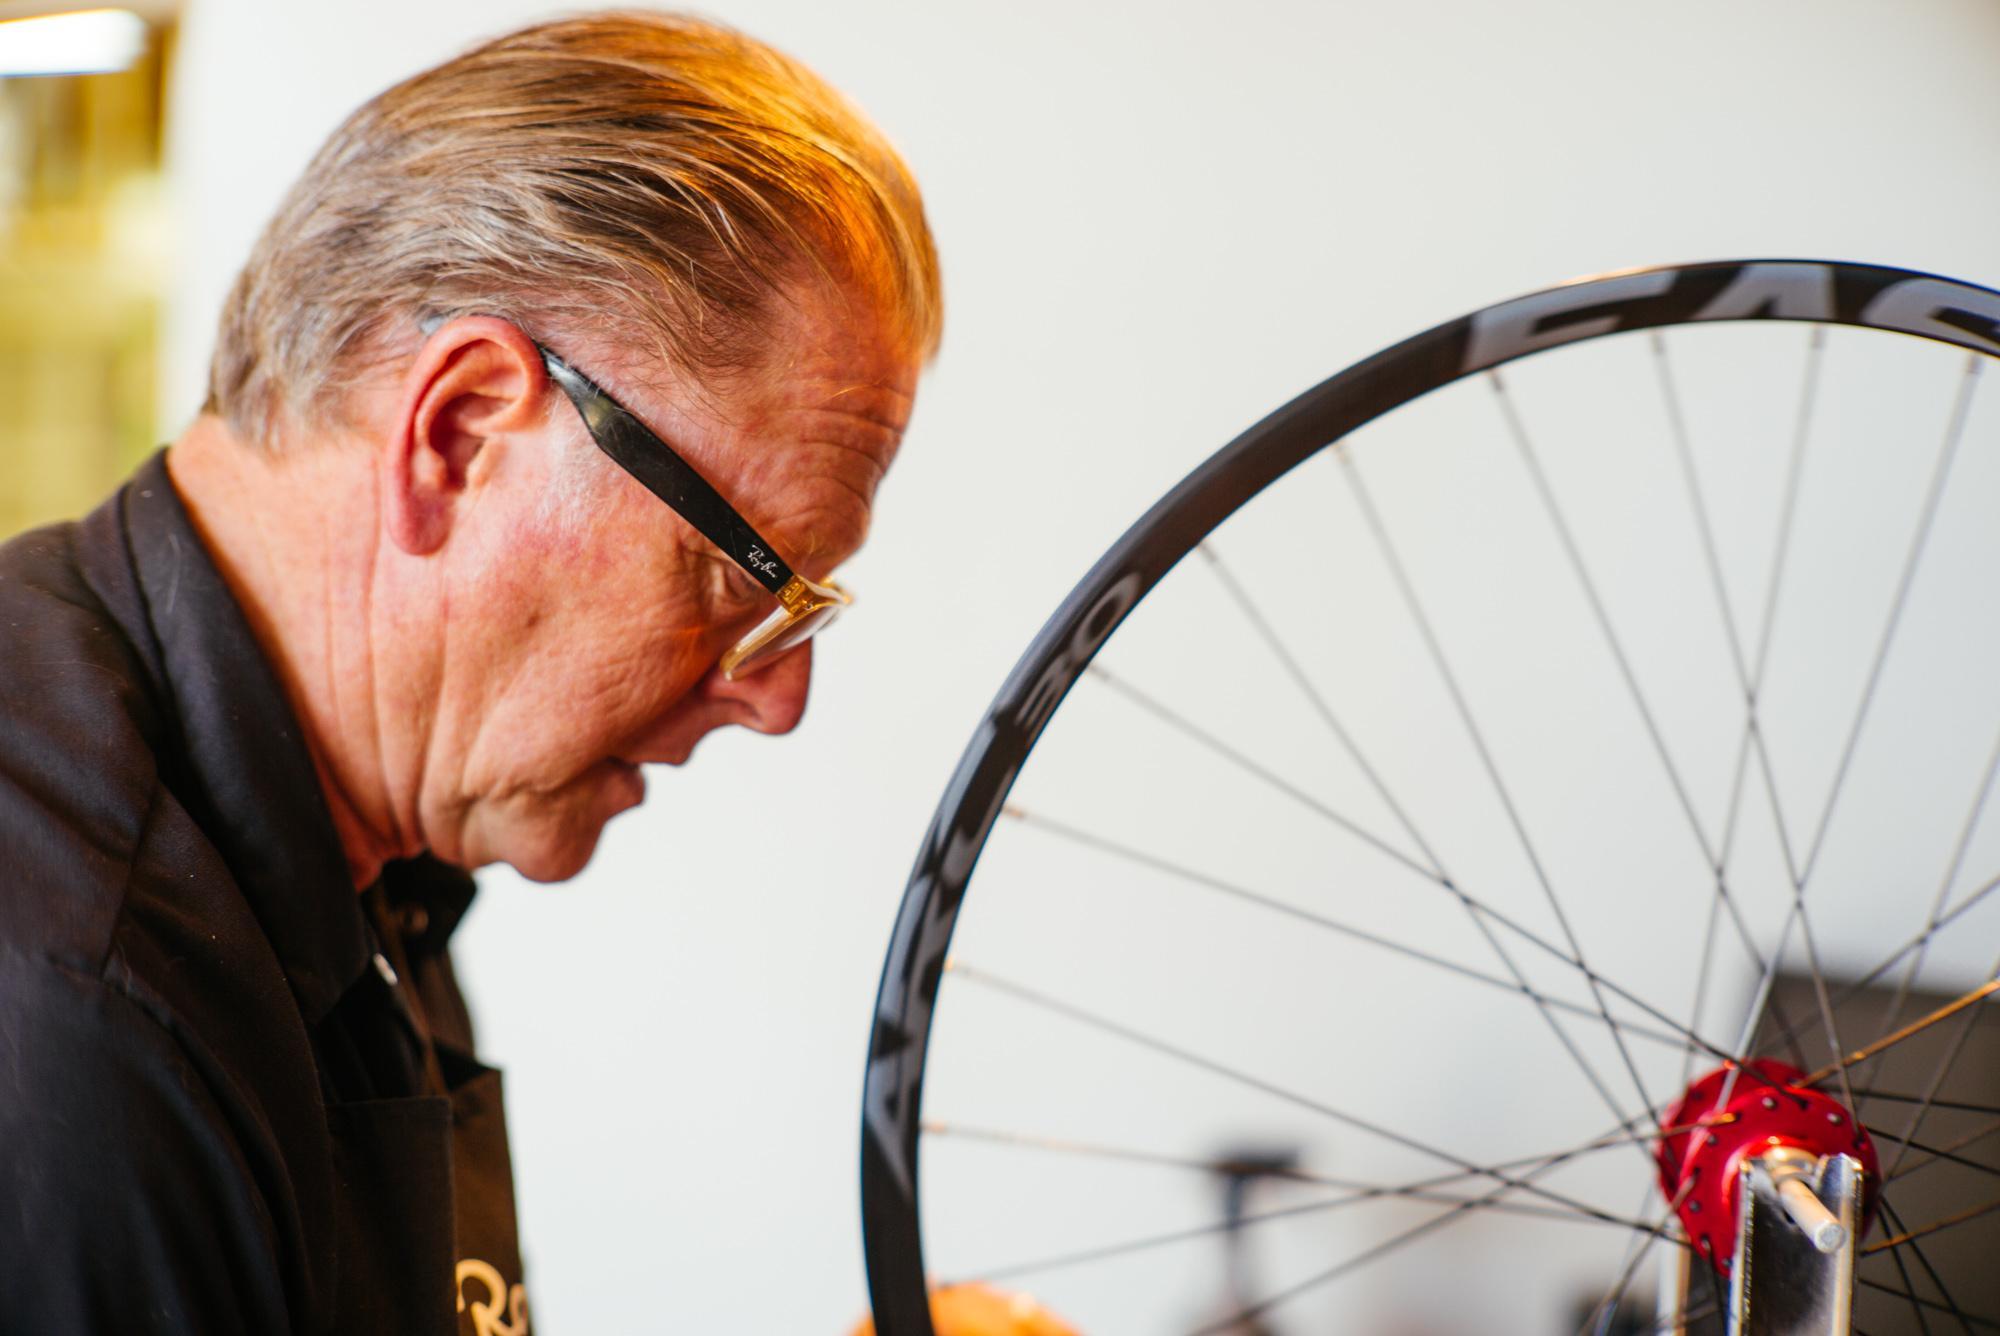 John from Jones Wheels